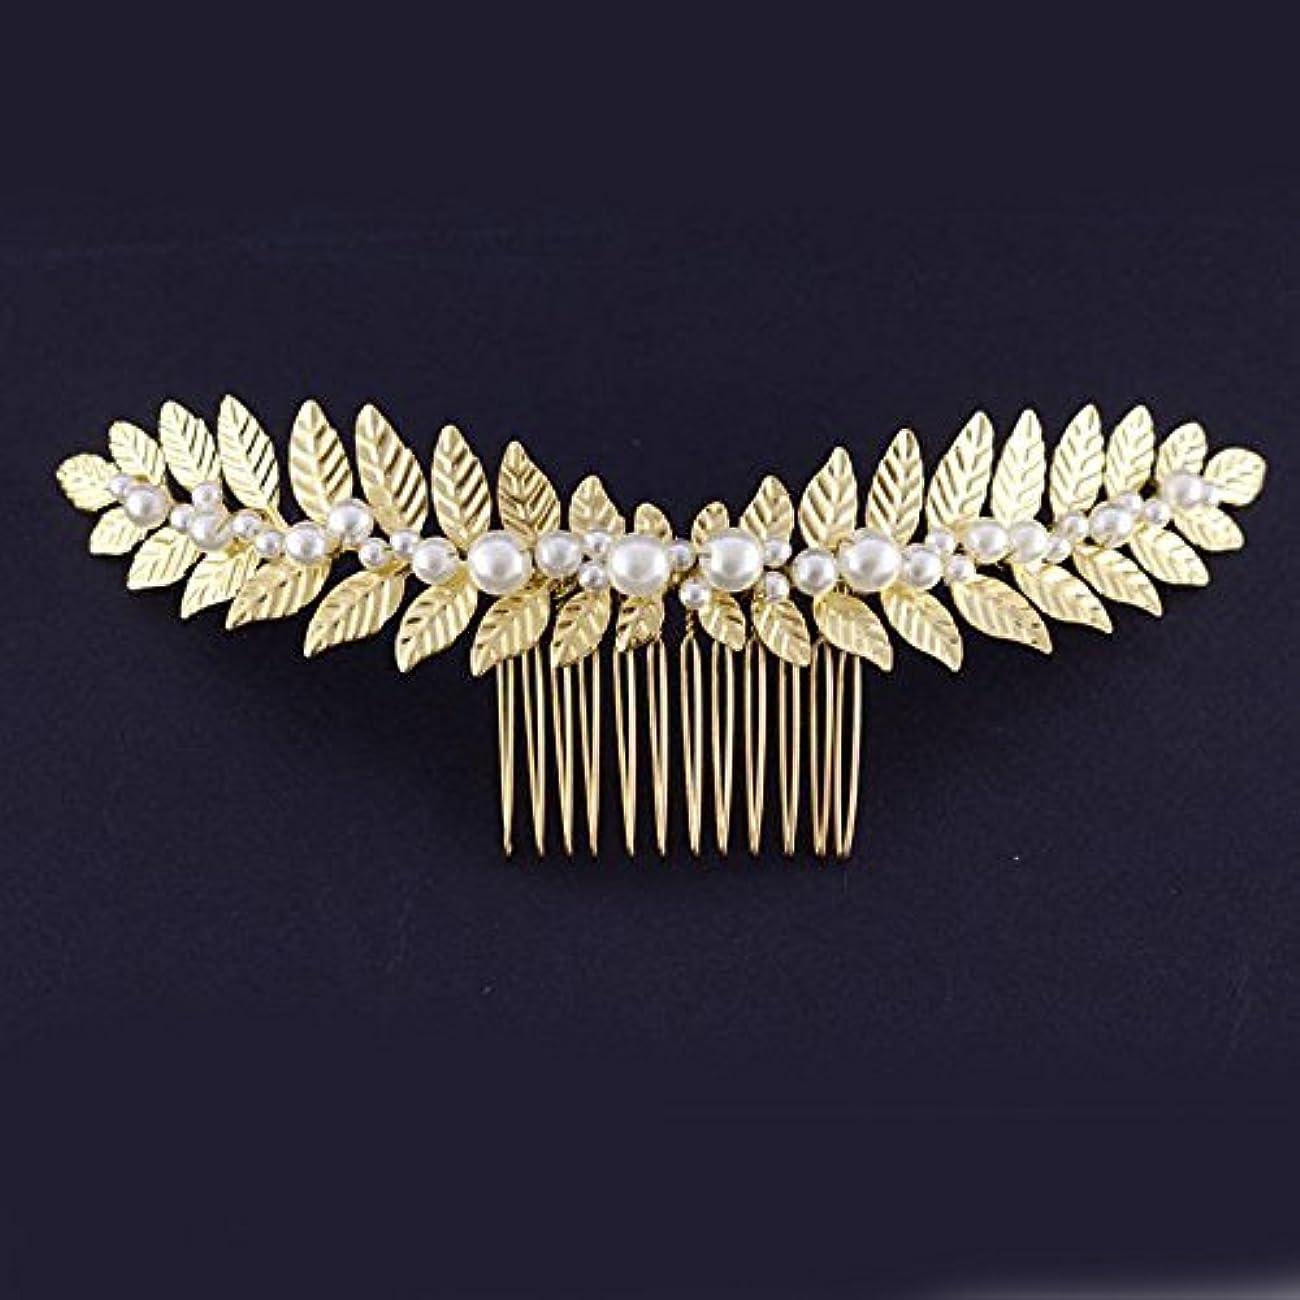 エミュレーションリテラシー未亡人FXmimior Bridal Women Gold Leaves Vintage Wedding Party Crystal Rhinestone Hair Comb Hair Accessories Wedding Headpiece [並行輸入品]